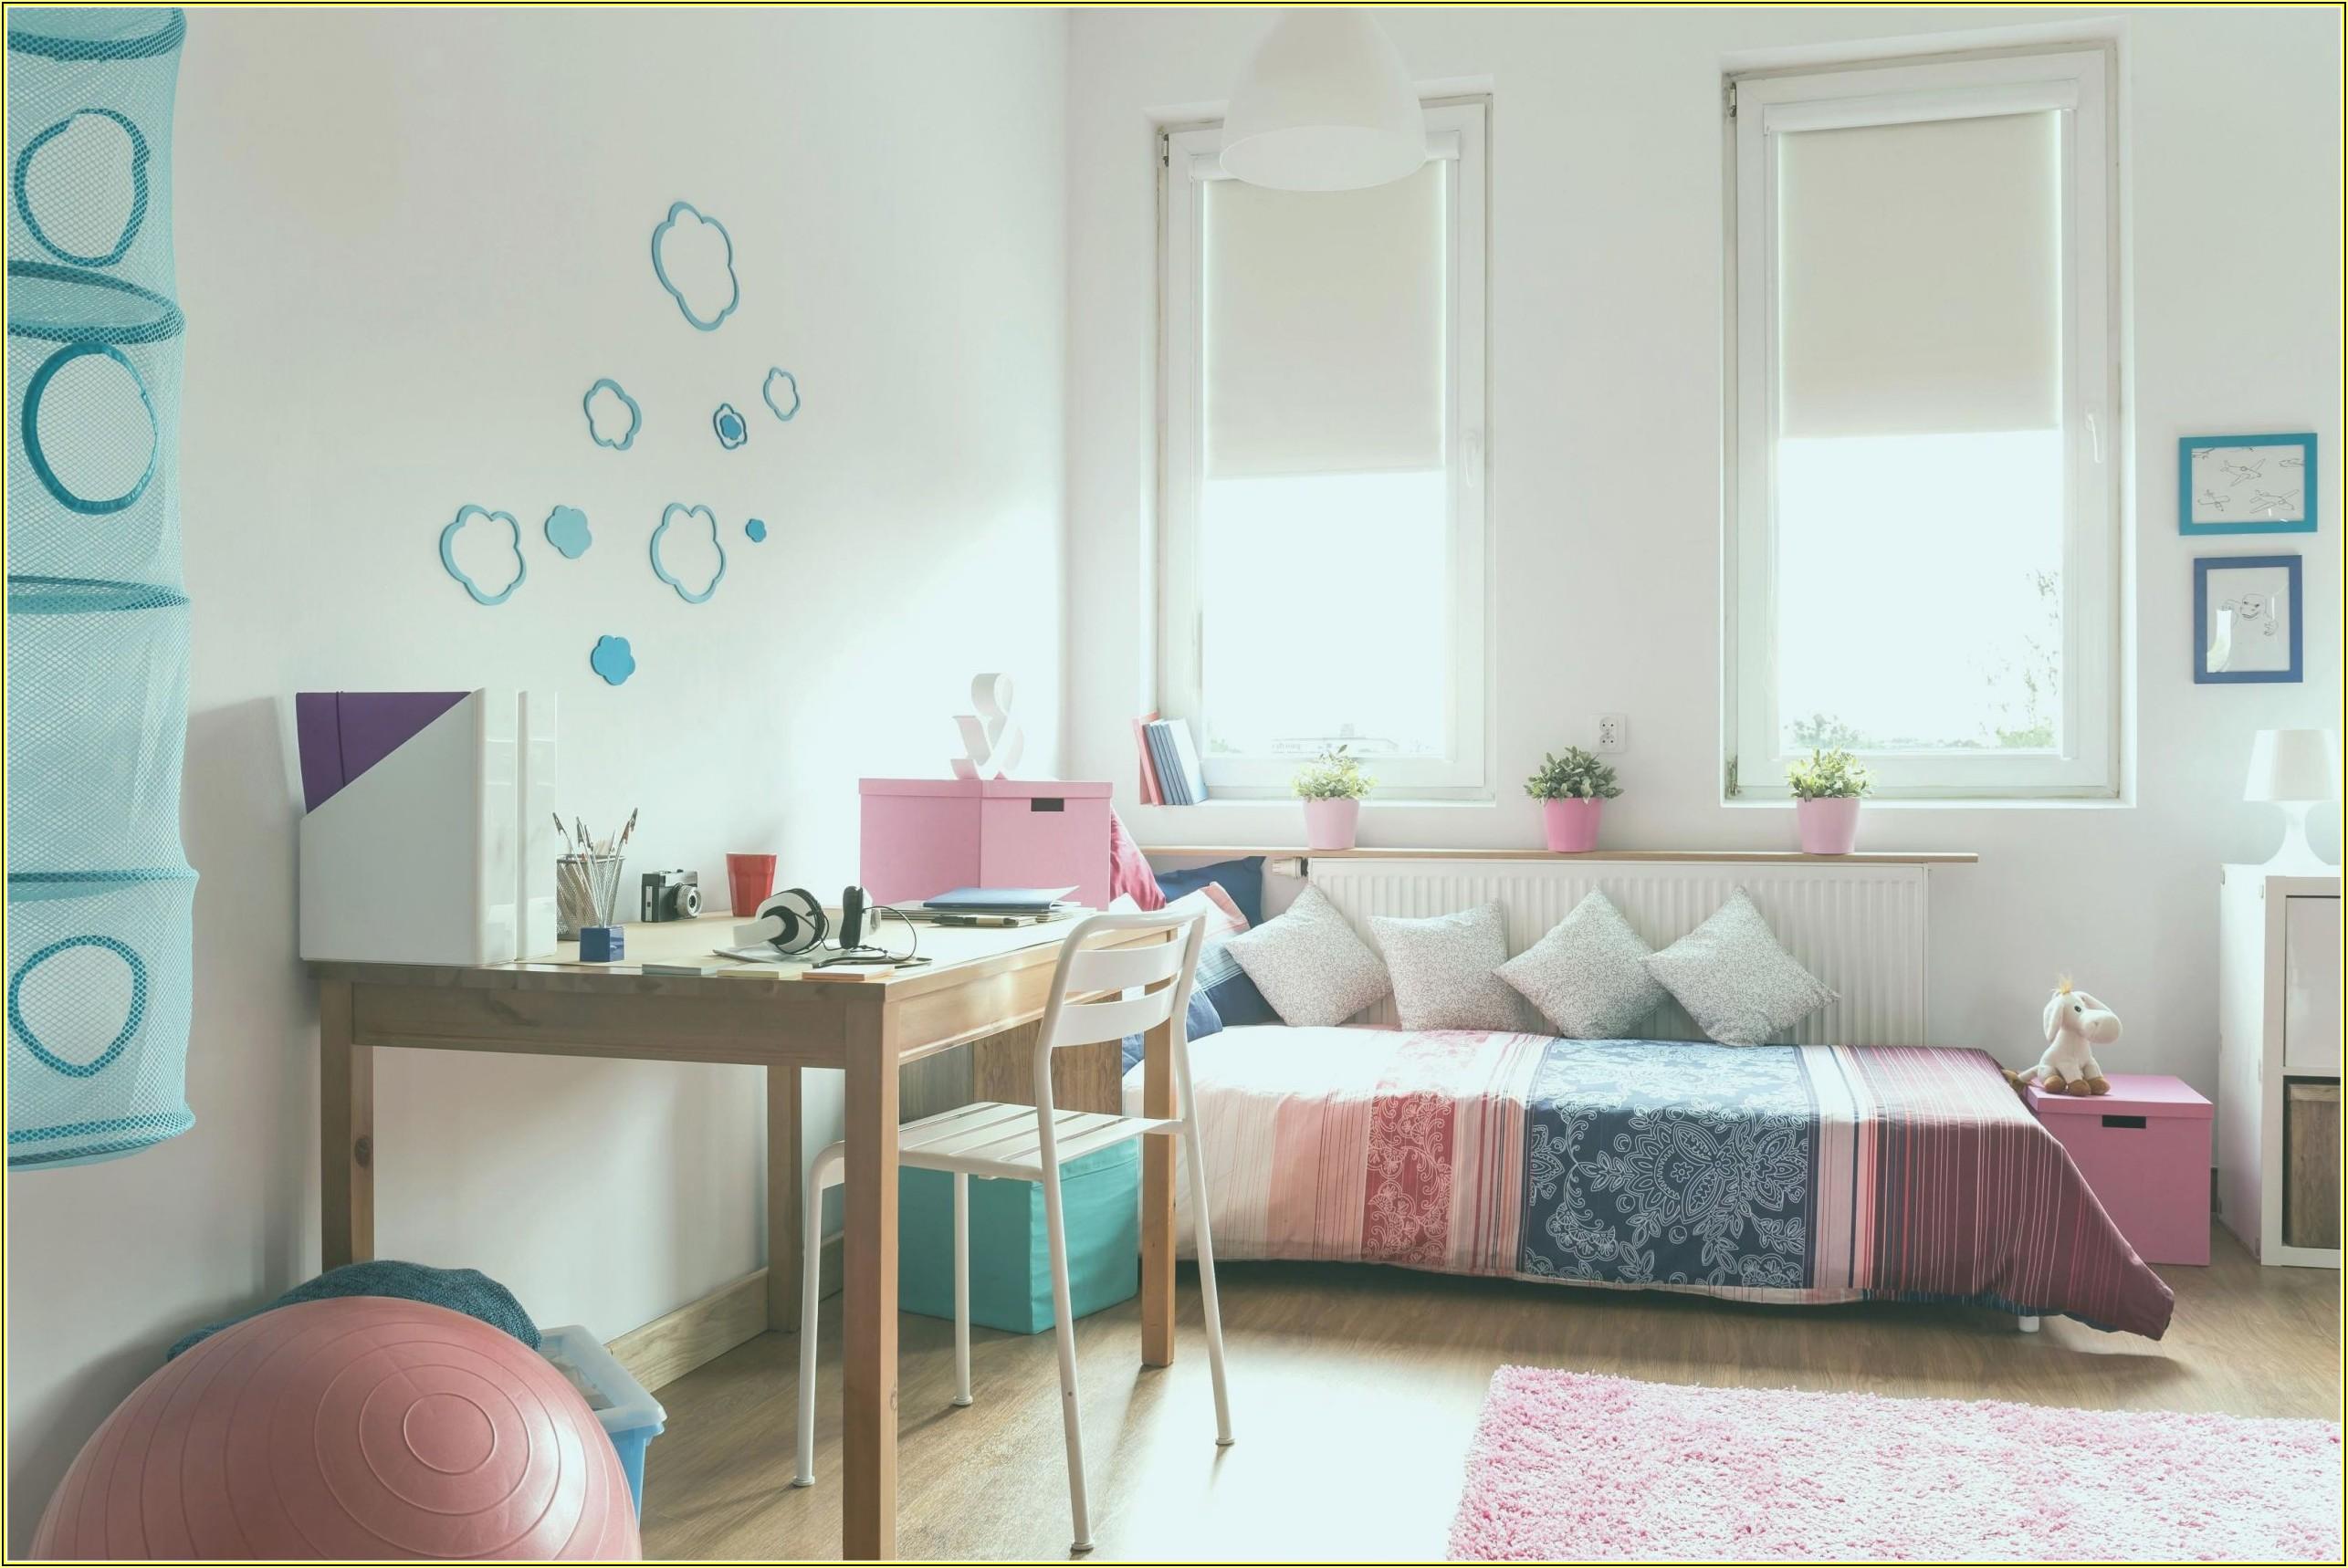 Alpina Sanfter Morgentau Kinderzimmer